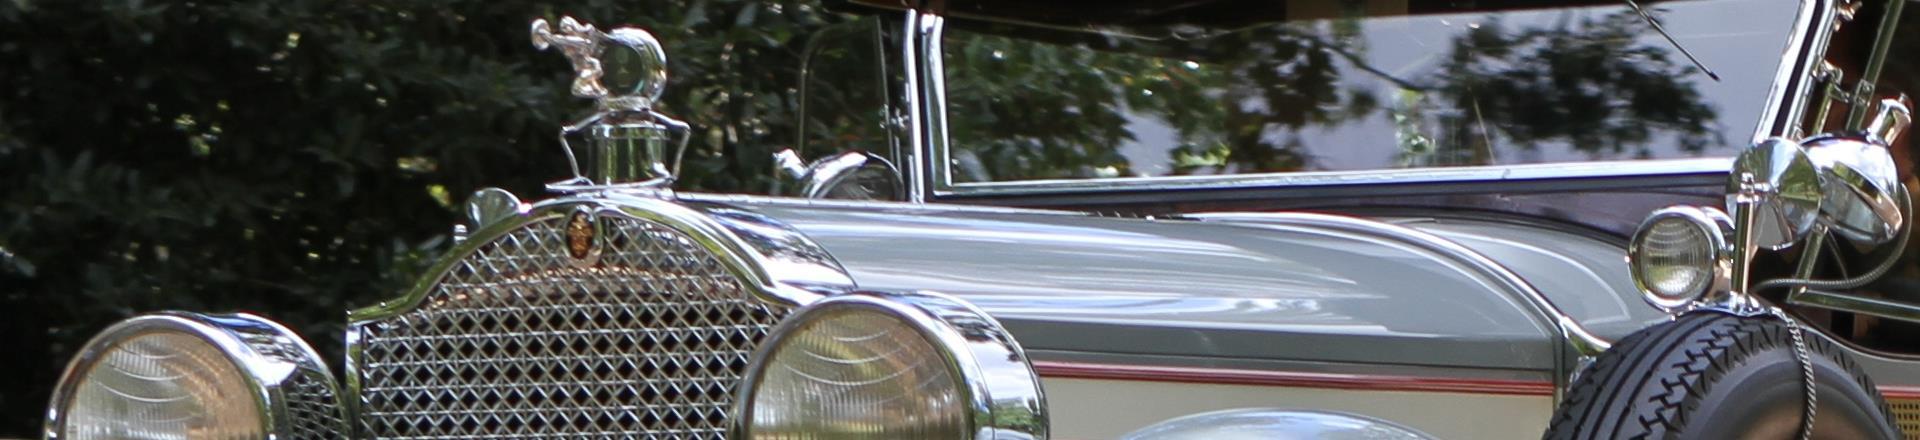 Used Cars Garwood NJ | Used Cars & Trucks NJ | Marano & Sons Auto ...